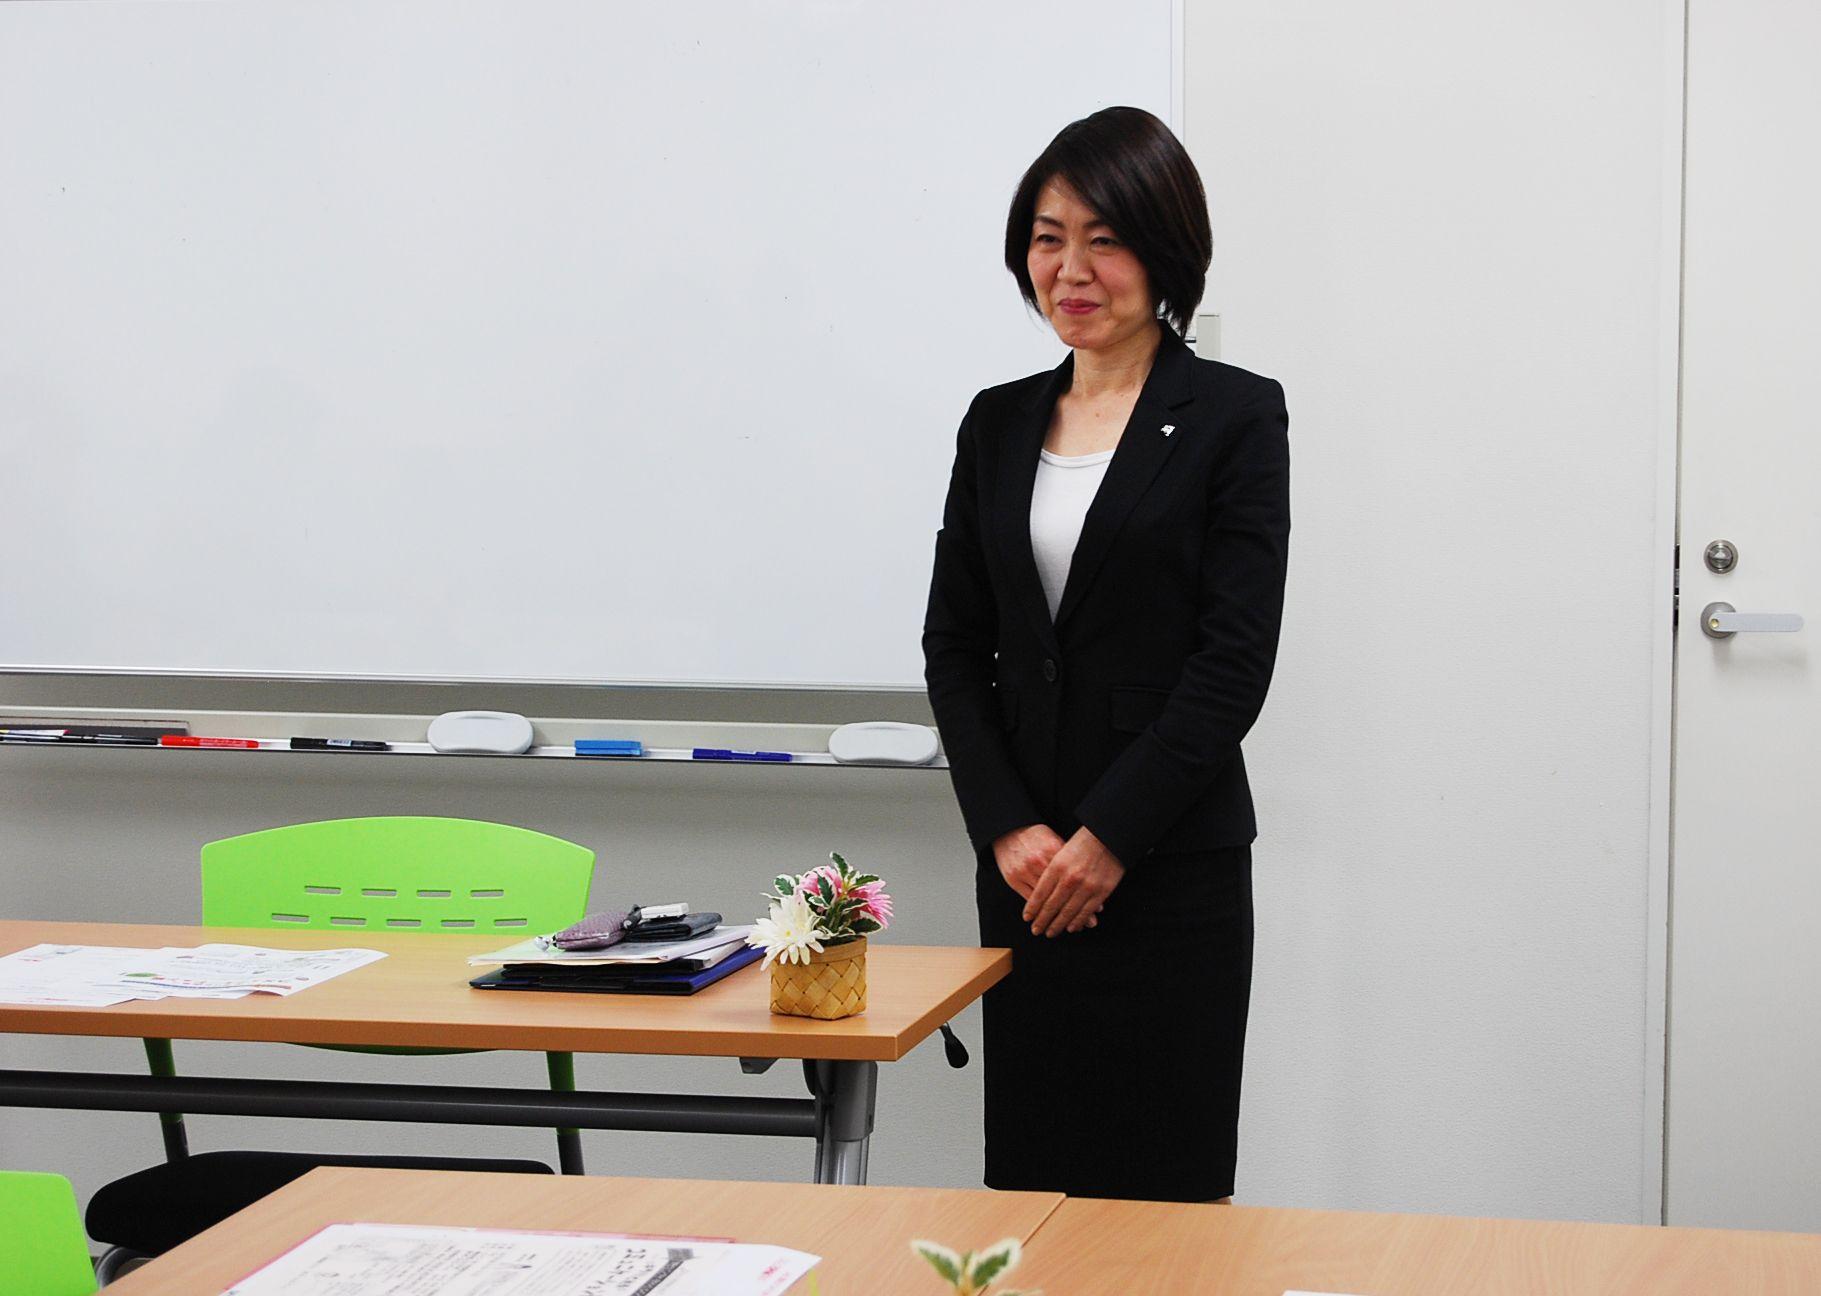 セミナーを担当された川崎ゆかり先生